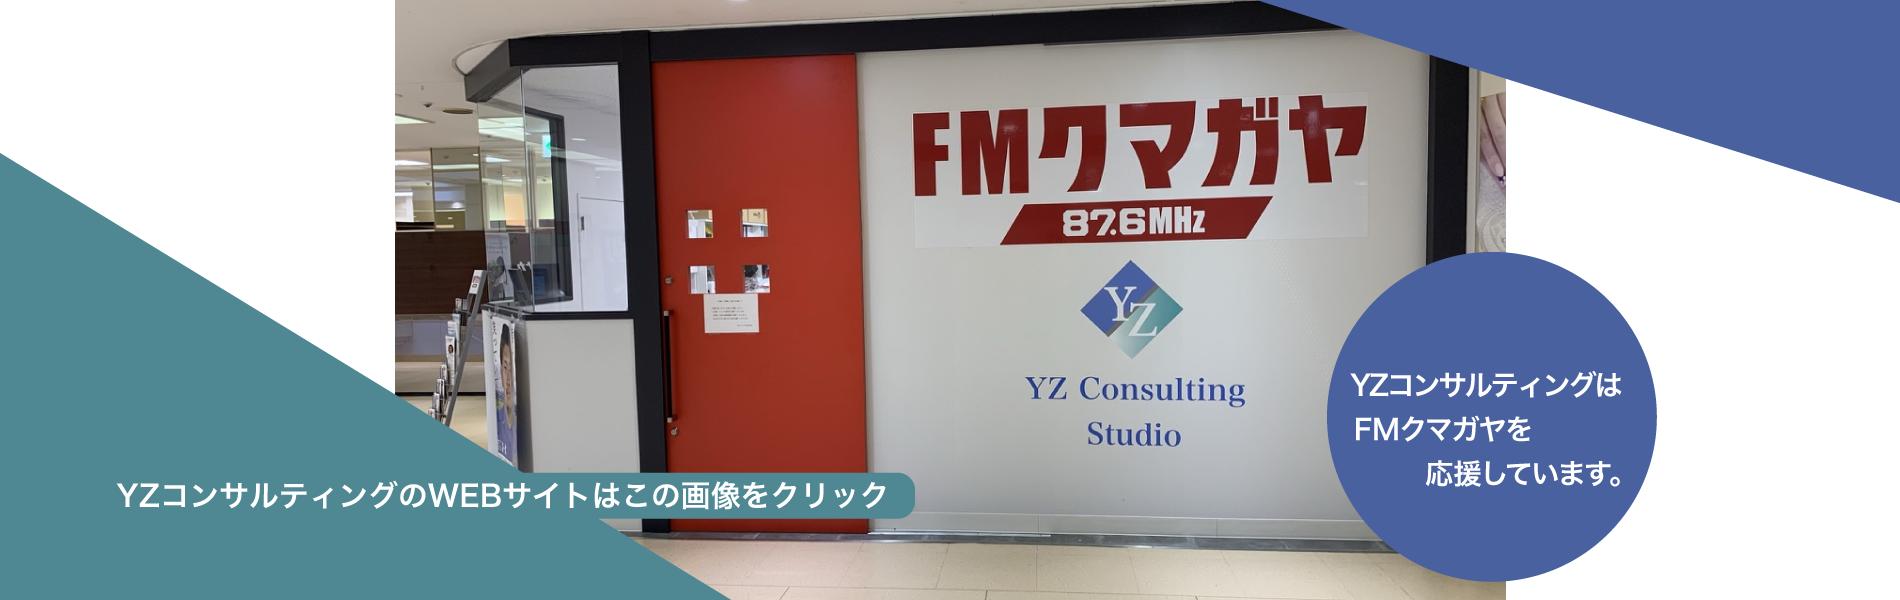 YZコンサルティングはFMクマガヤを応援しています。